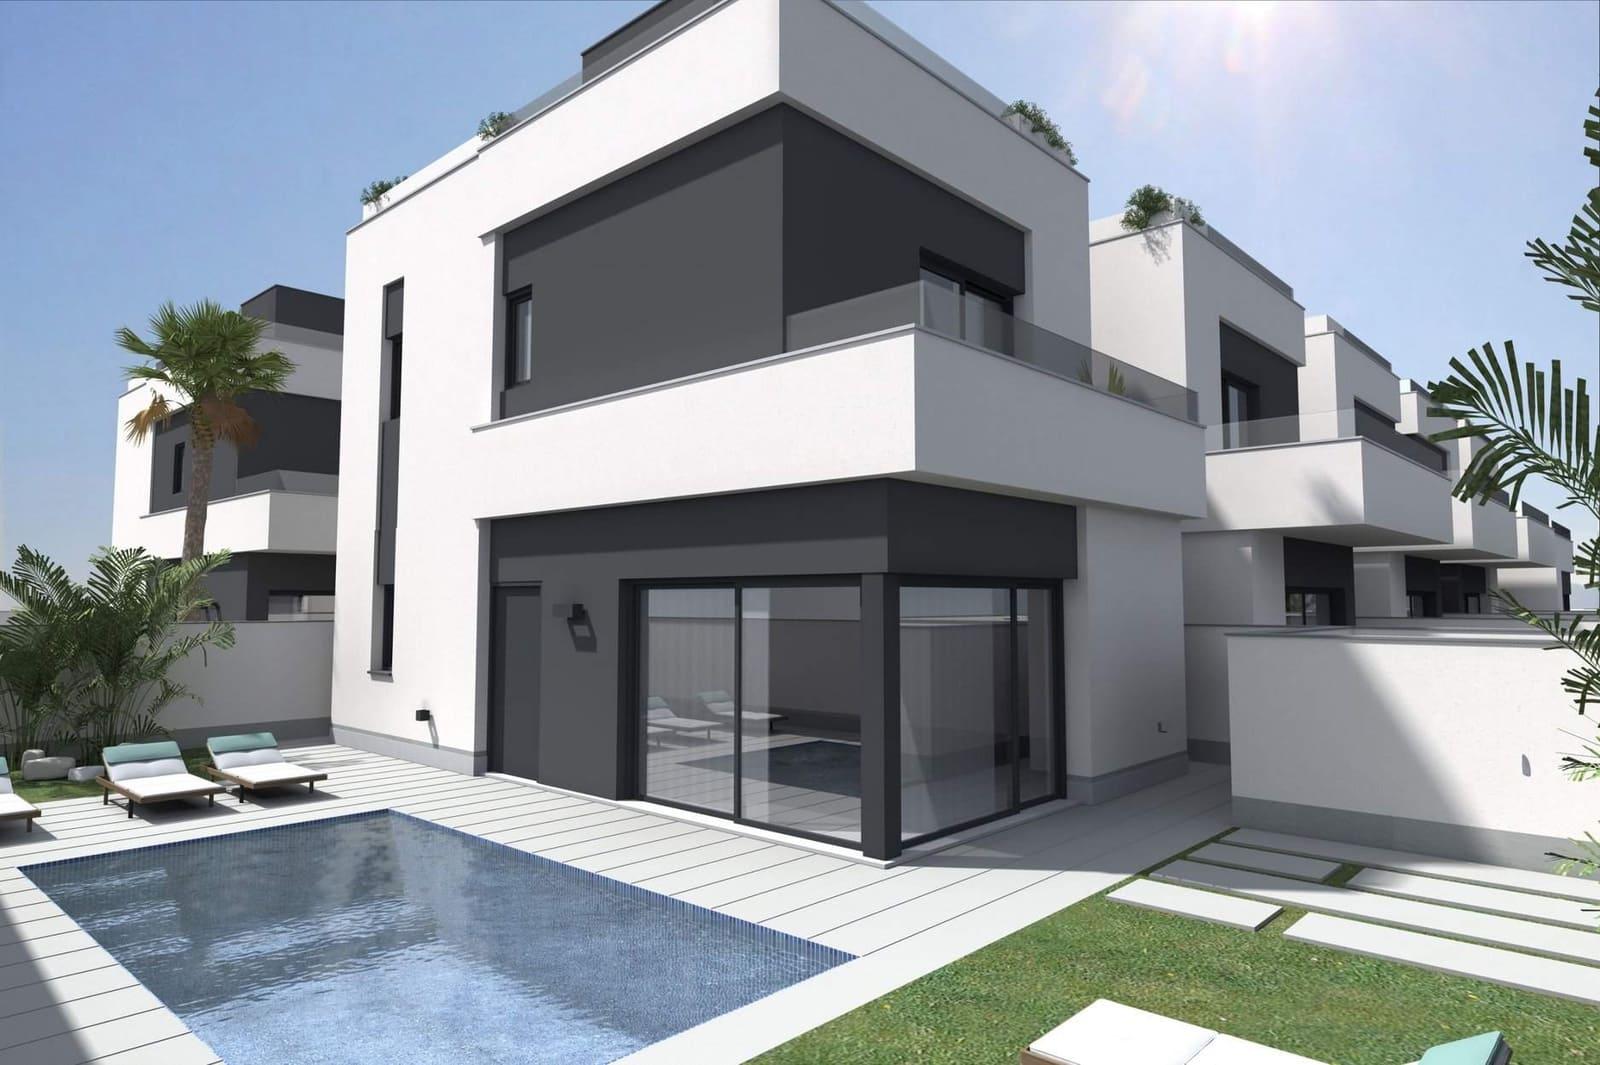 Chalet de 3 habitaciones en Pilar de la Horadada en venta - 239.000 € (Ref: 4092213)